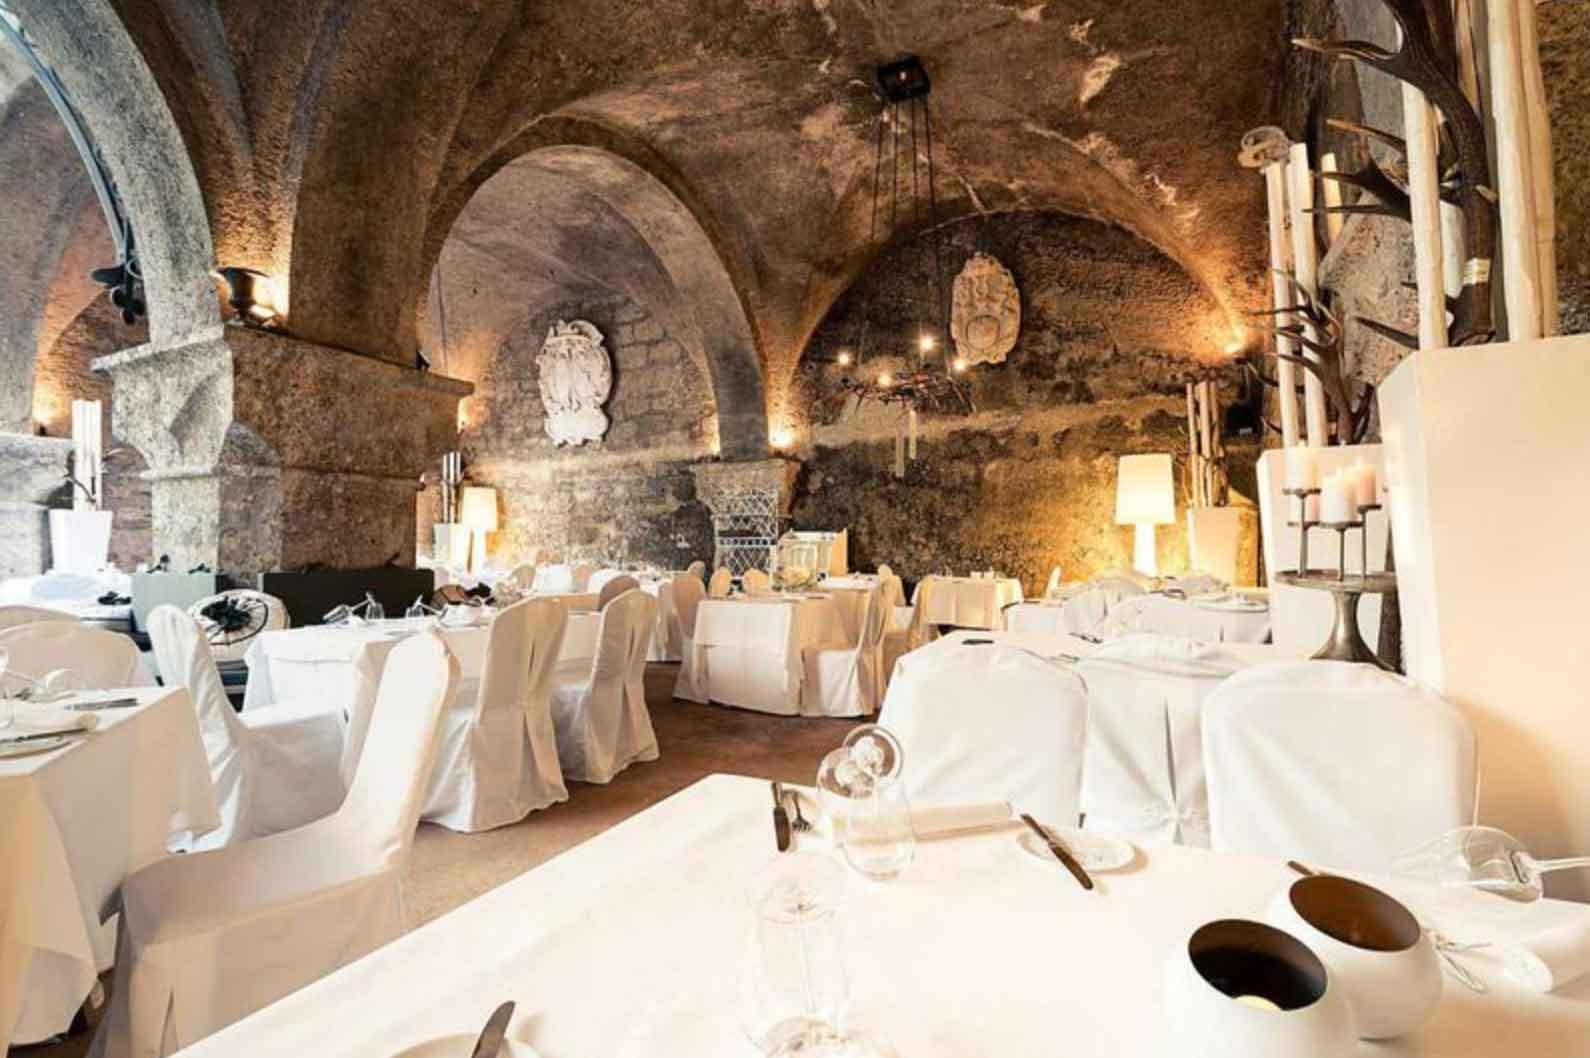 dünyanın en eski restoranlarır